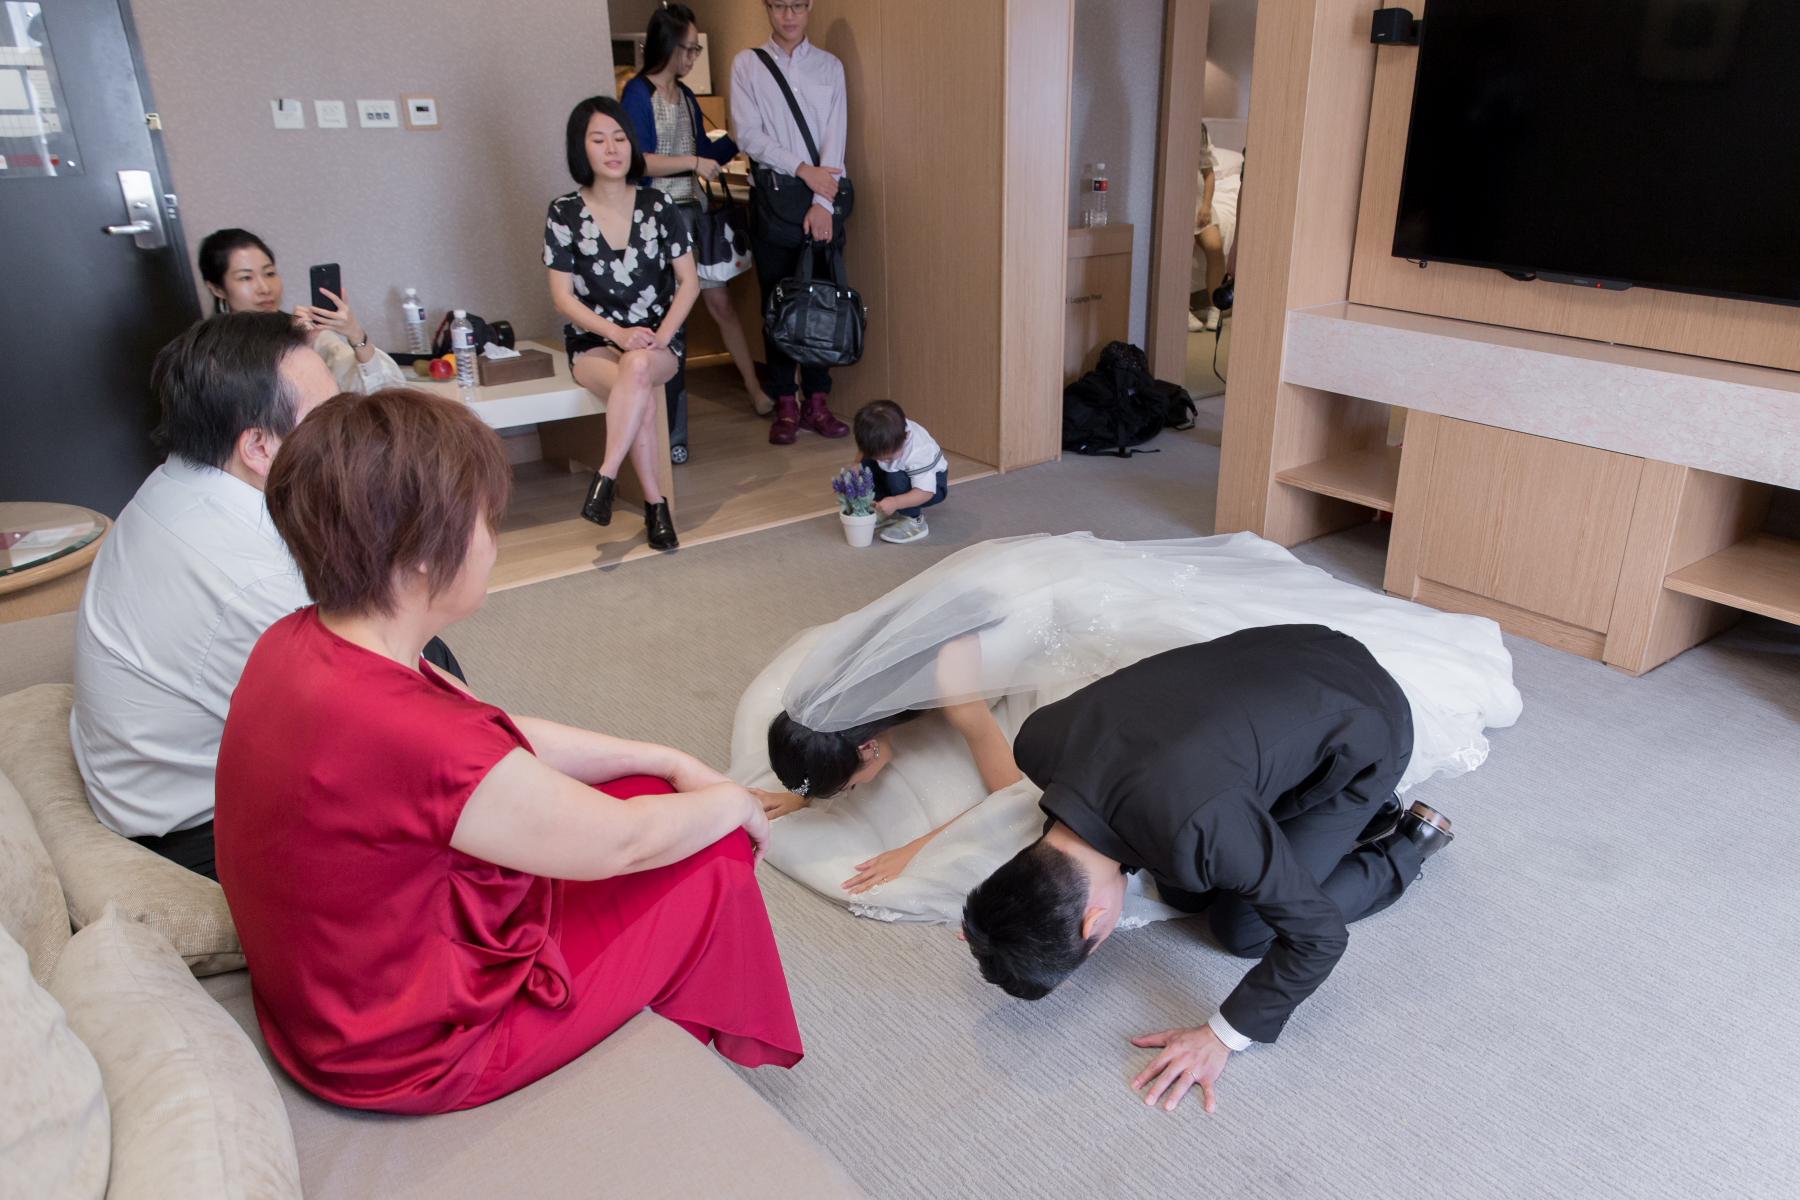 新莊頤品 婚攝 婚禮紀錄223